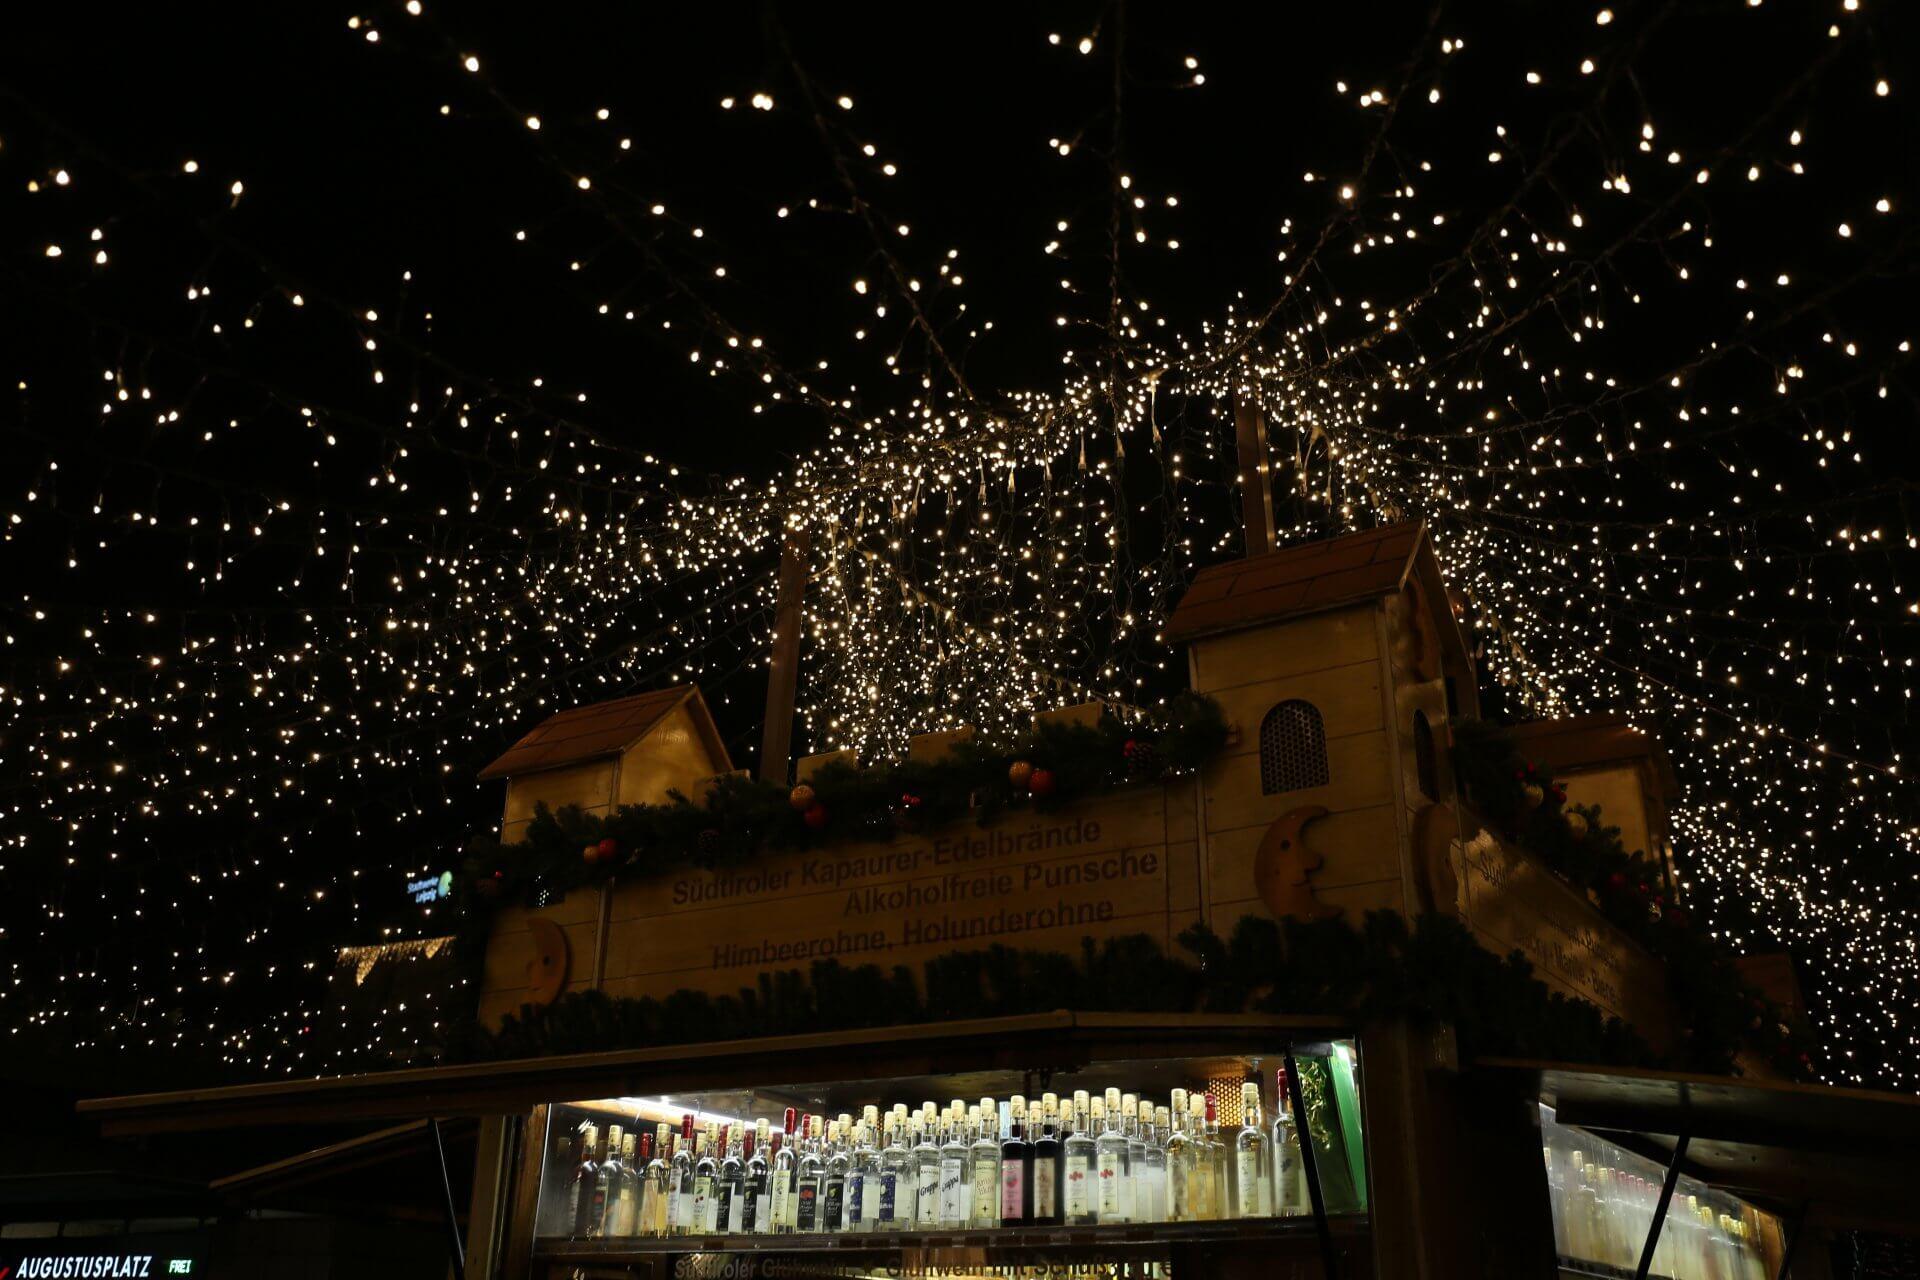 Schnaps und Punsch von Kapaurer, Weihnachtsmarkt Leipzig